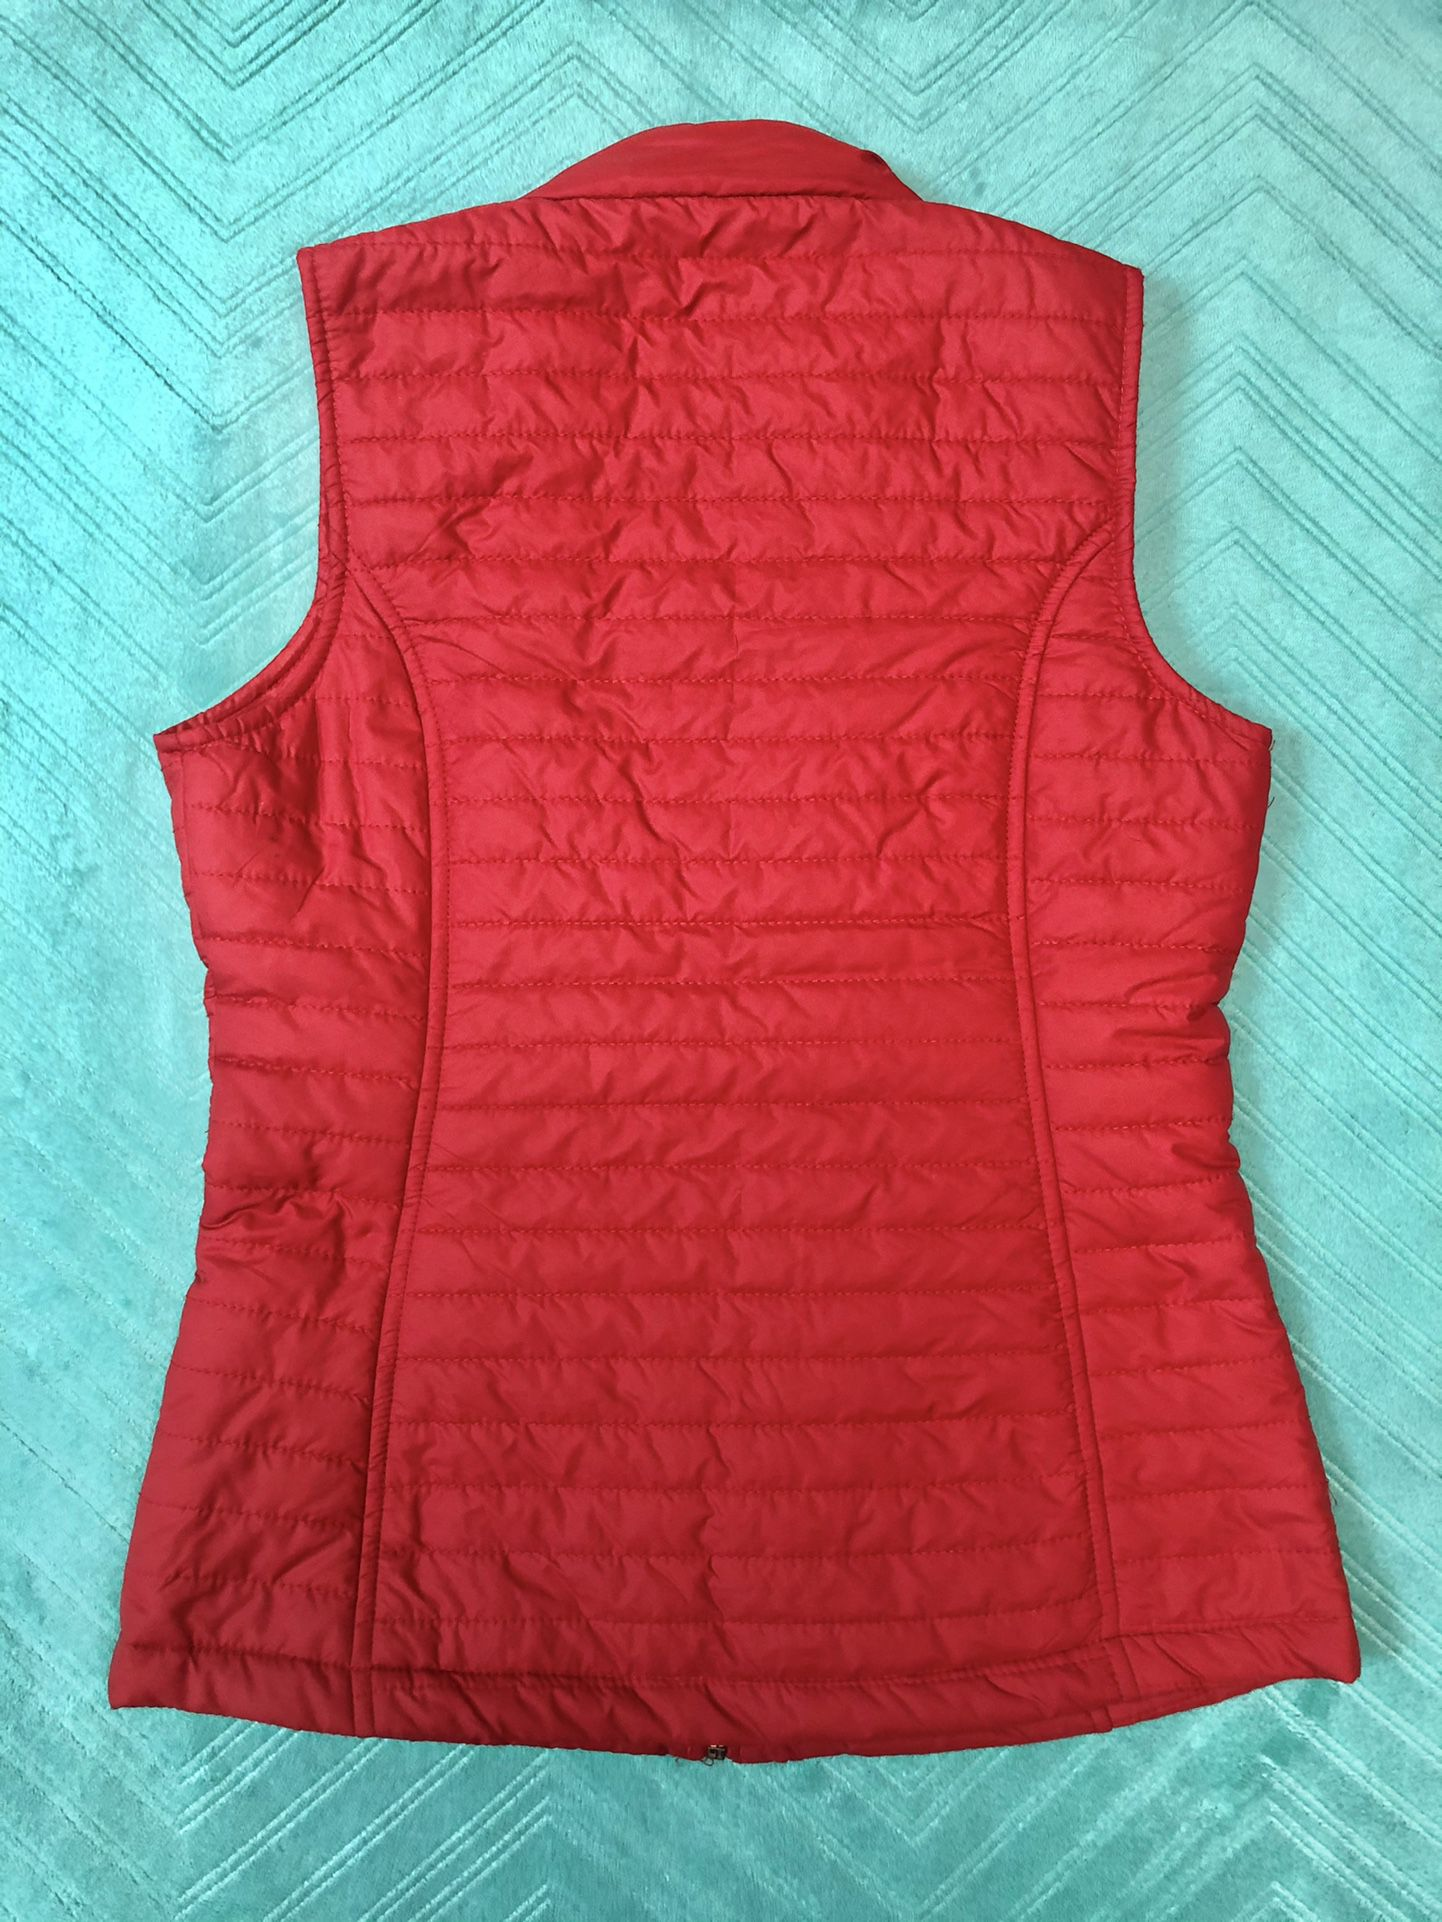 AISHTY Vest Size S Color Red